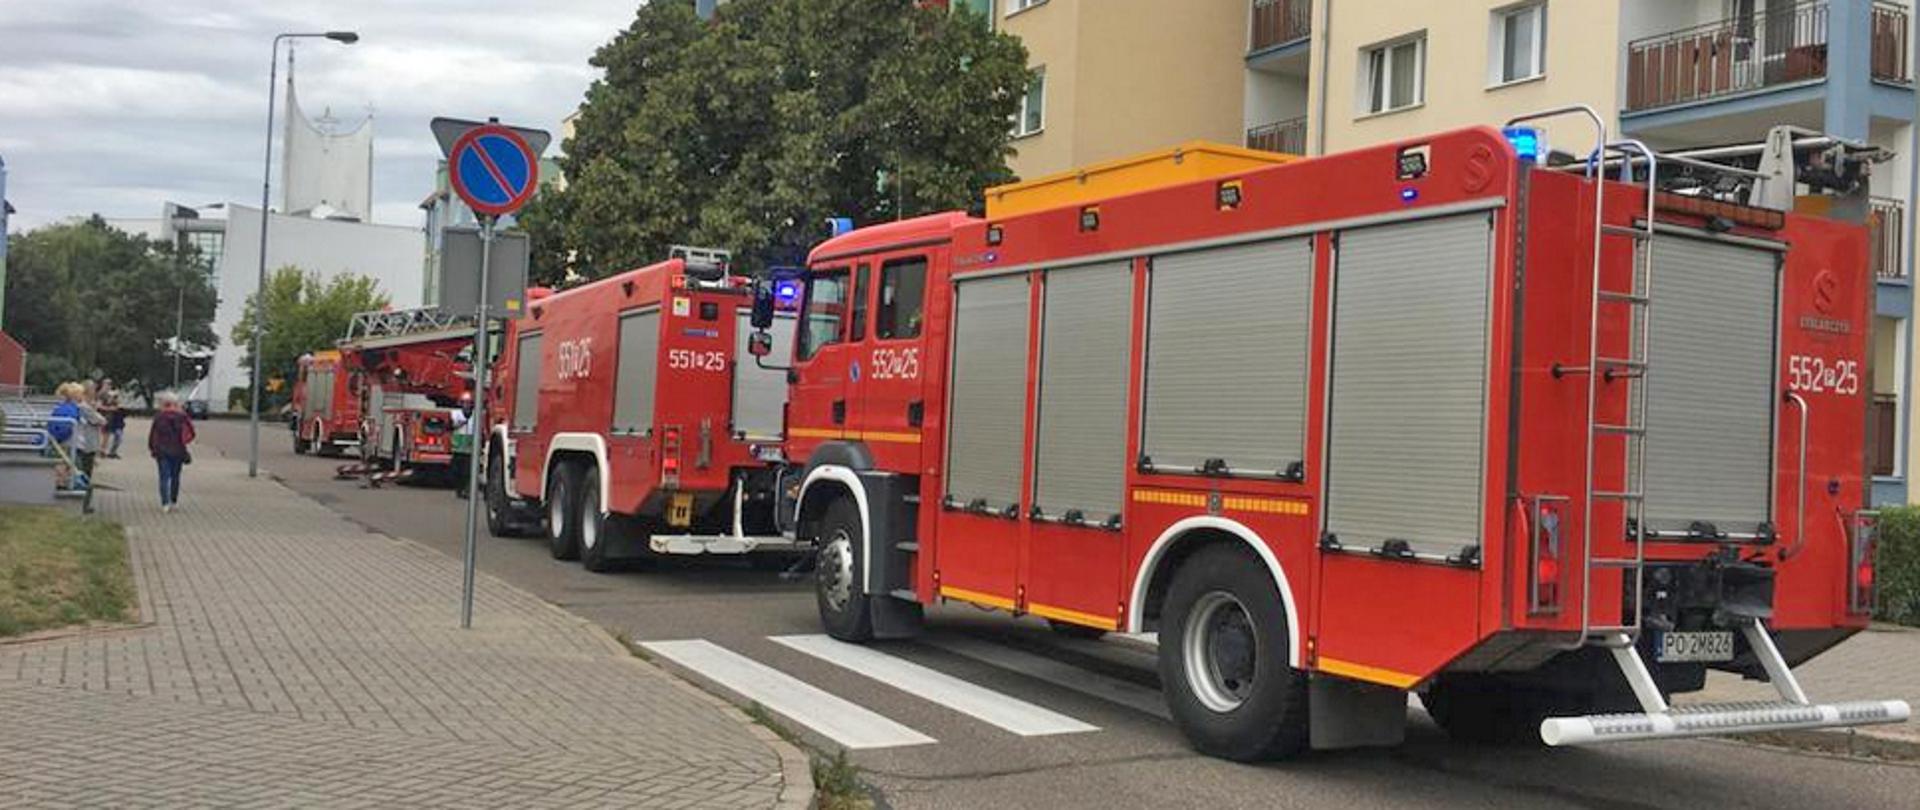 Na zdjęciu widnieją wozy strażackie podczas akcji gaszenia pożaru mieszkania w budynku wielorodzinnym. Dzień, jasno, bez opadów.